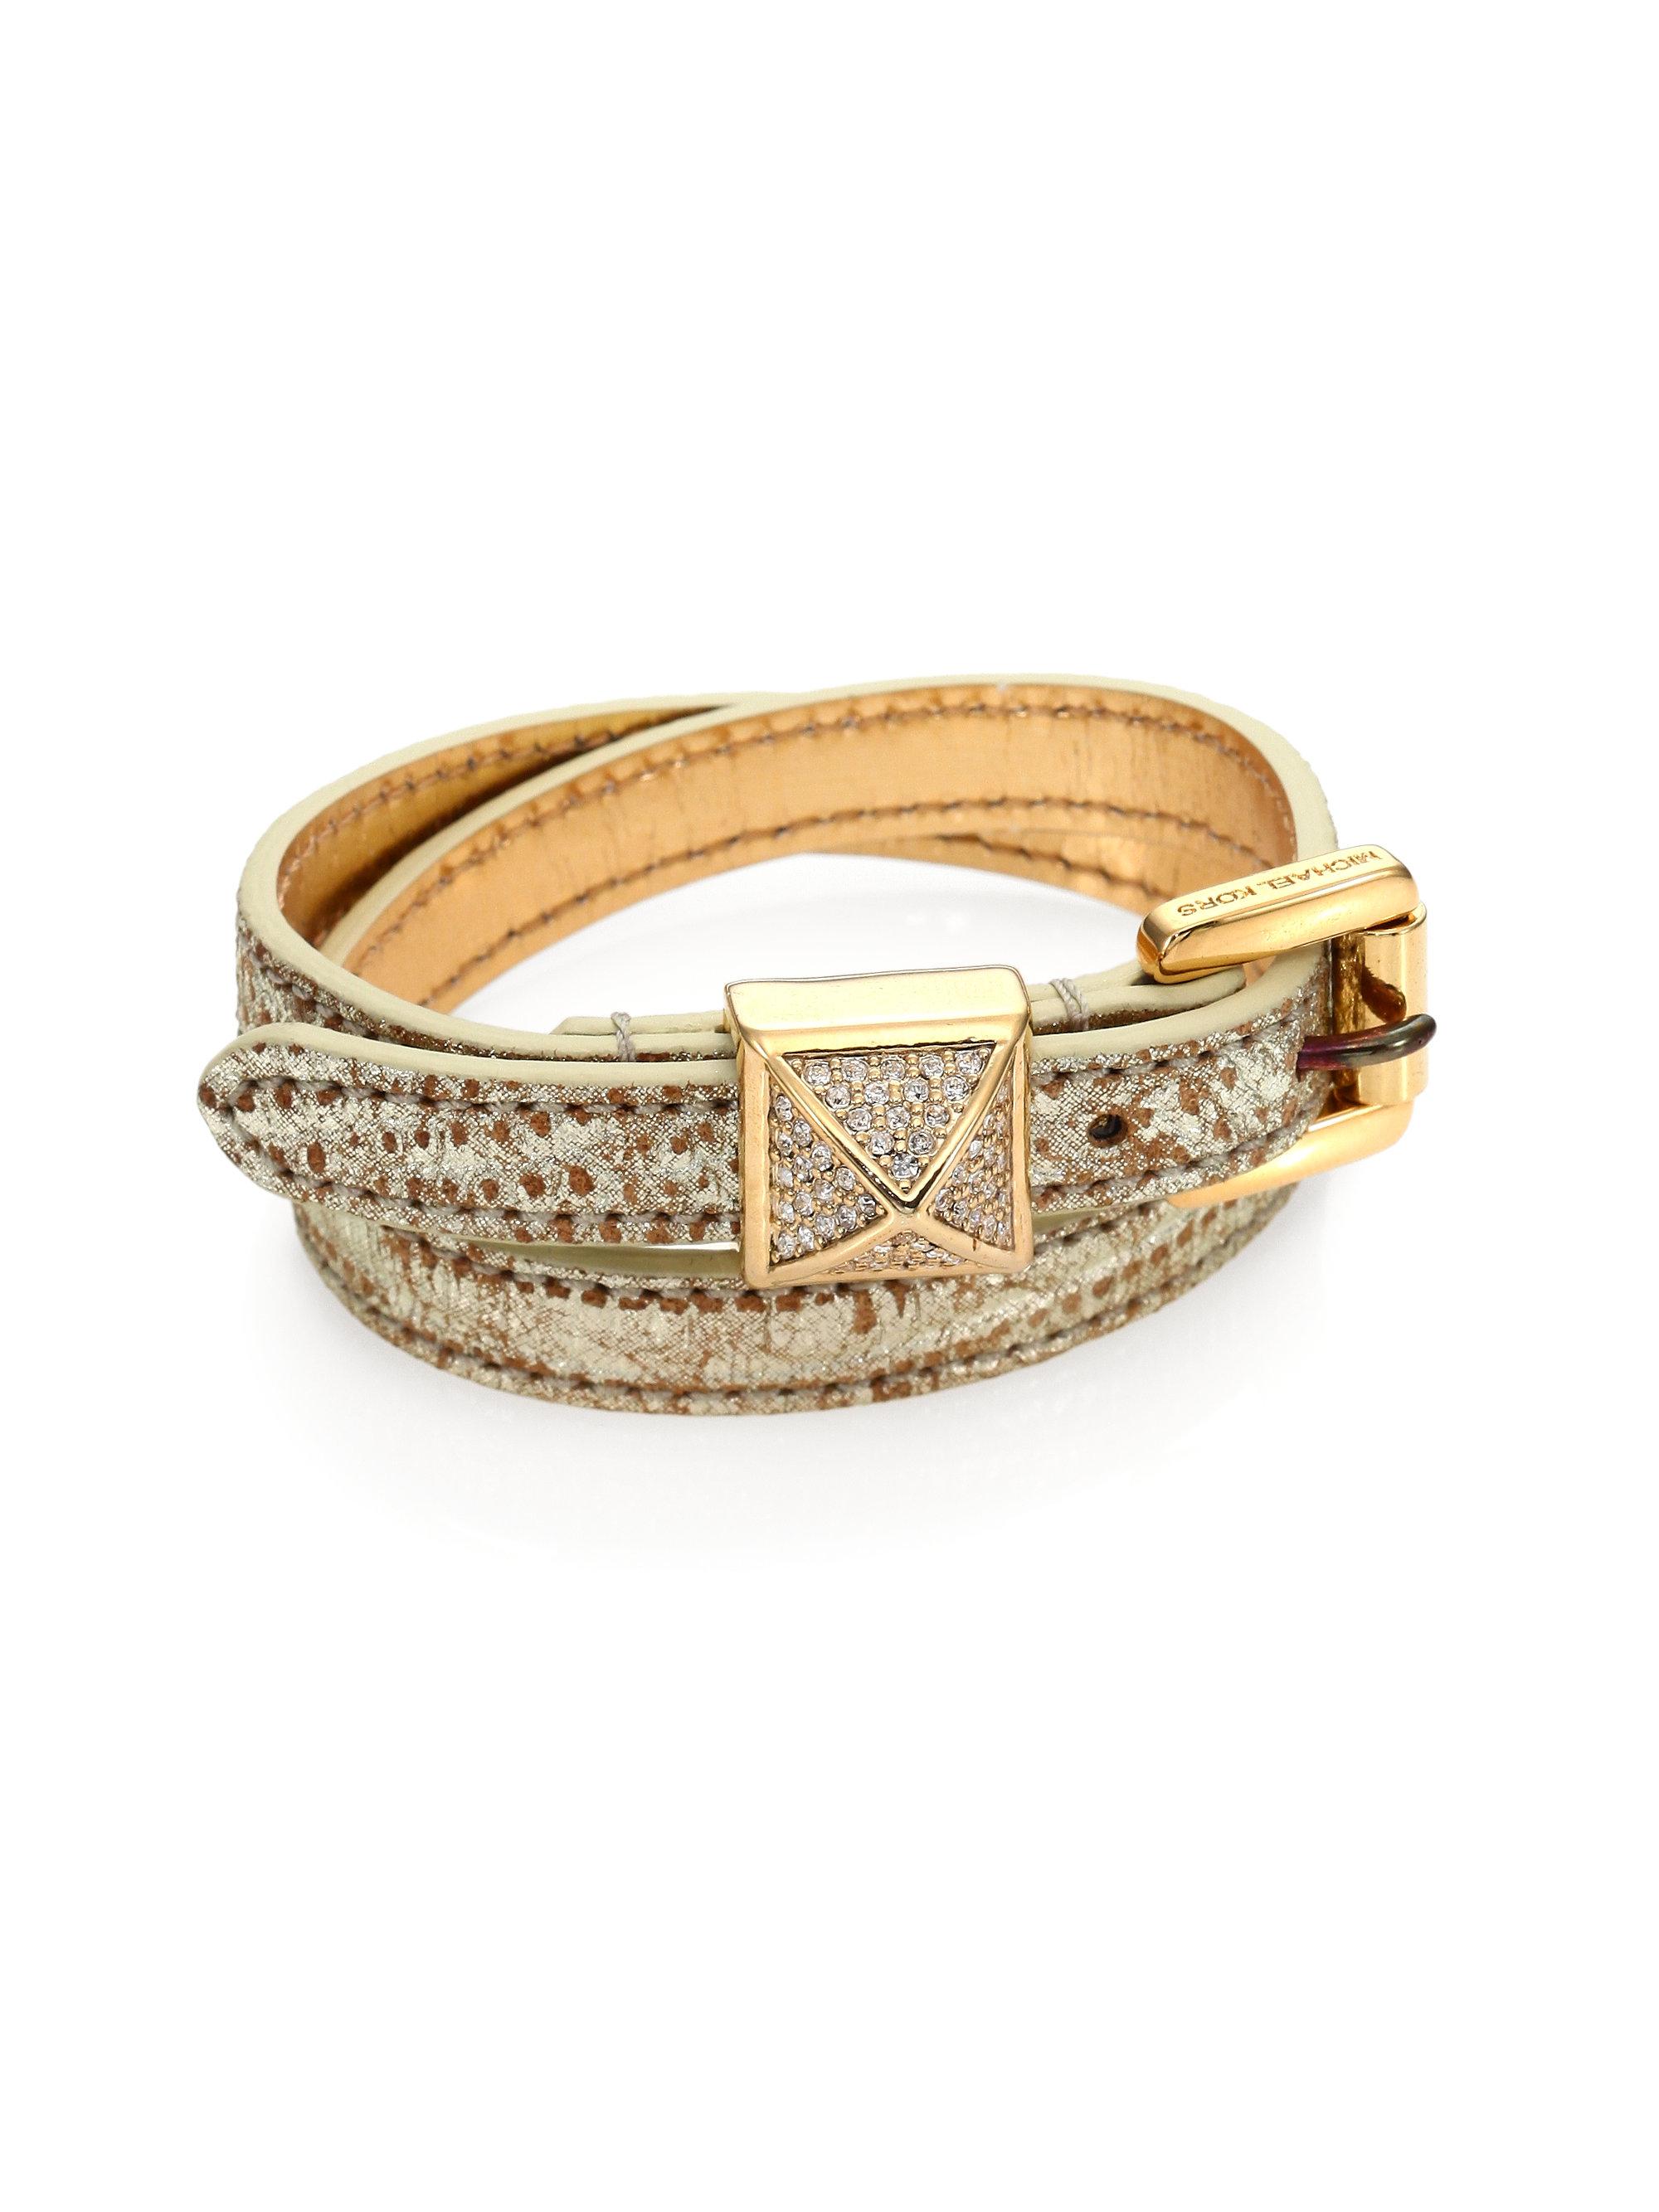 michael kors pythonembossed leather wrap bracelet in gold. Black Bedroom Furniture Sets. Home Design Ideas